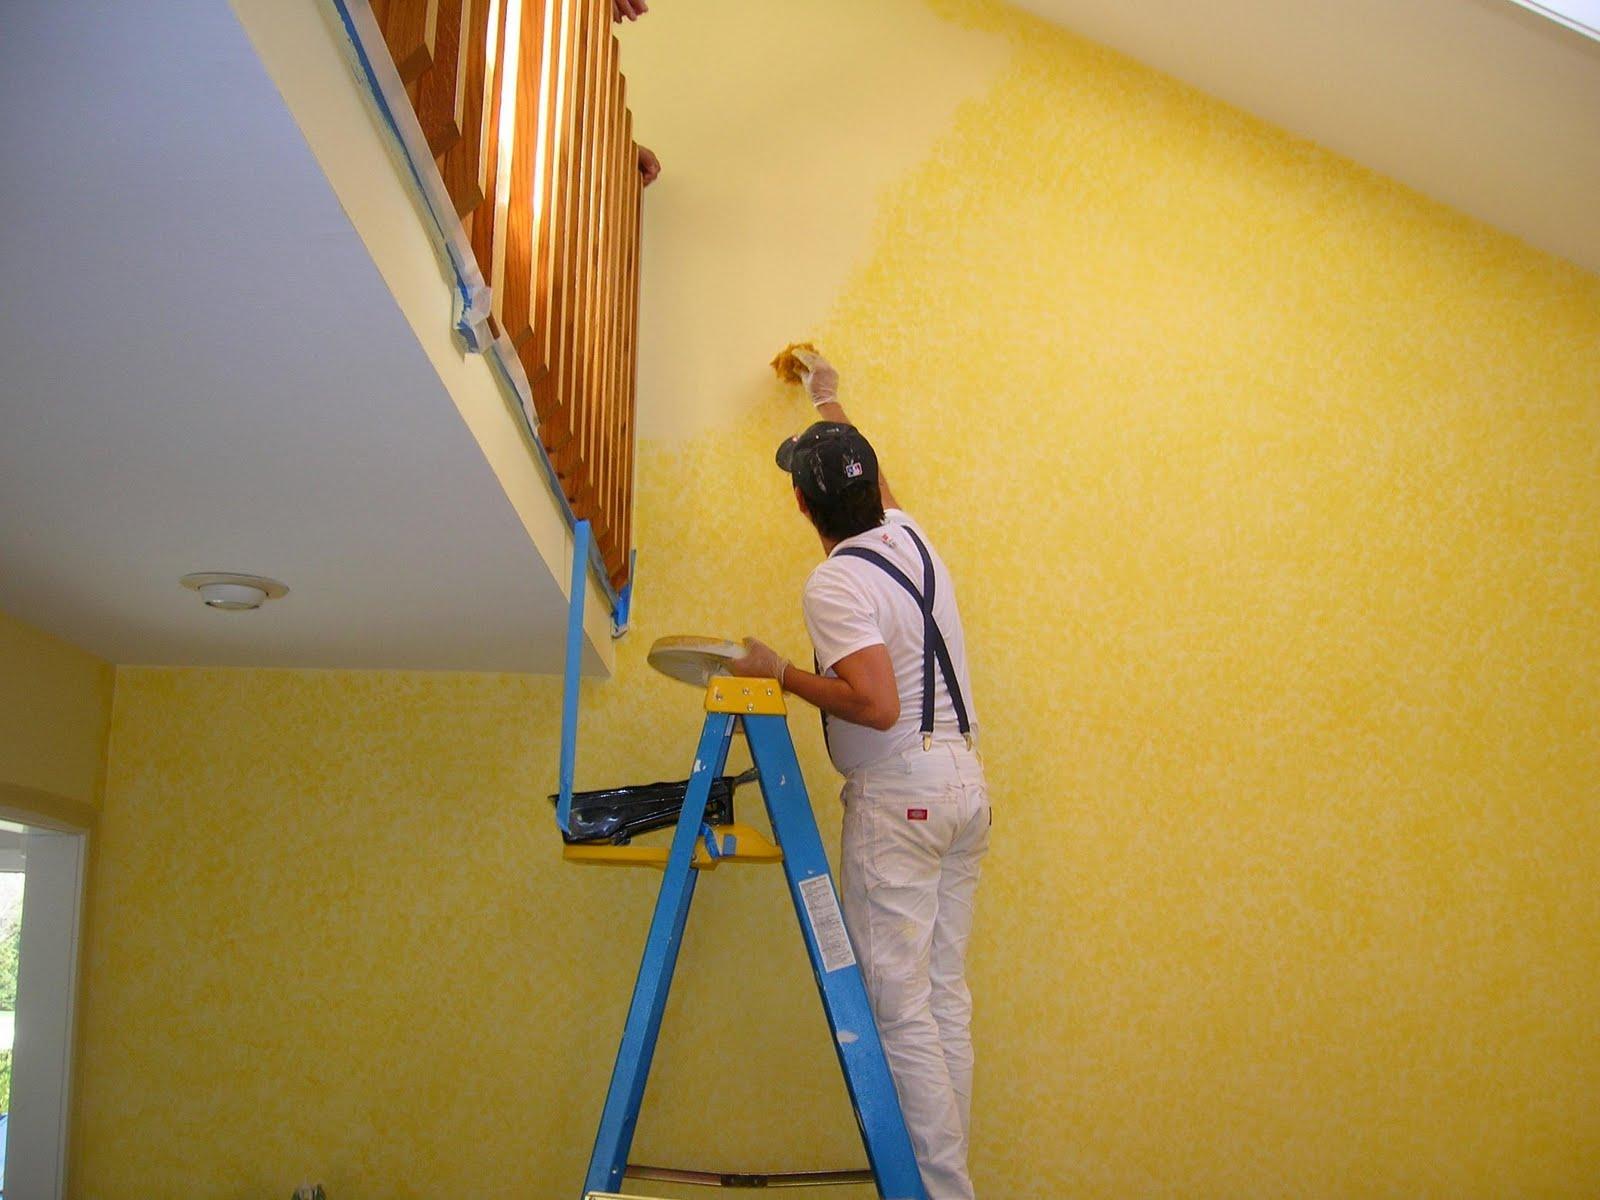 Đơn hàng sơn xây dựng là làm gì?